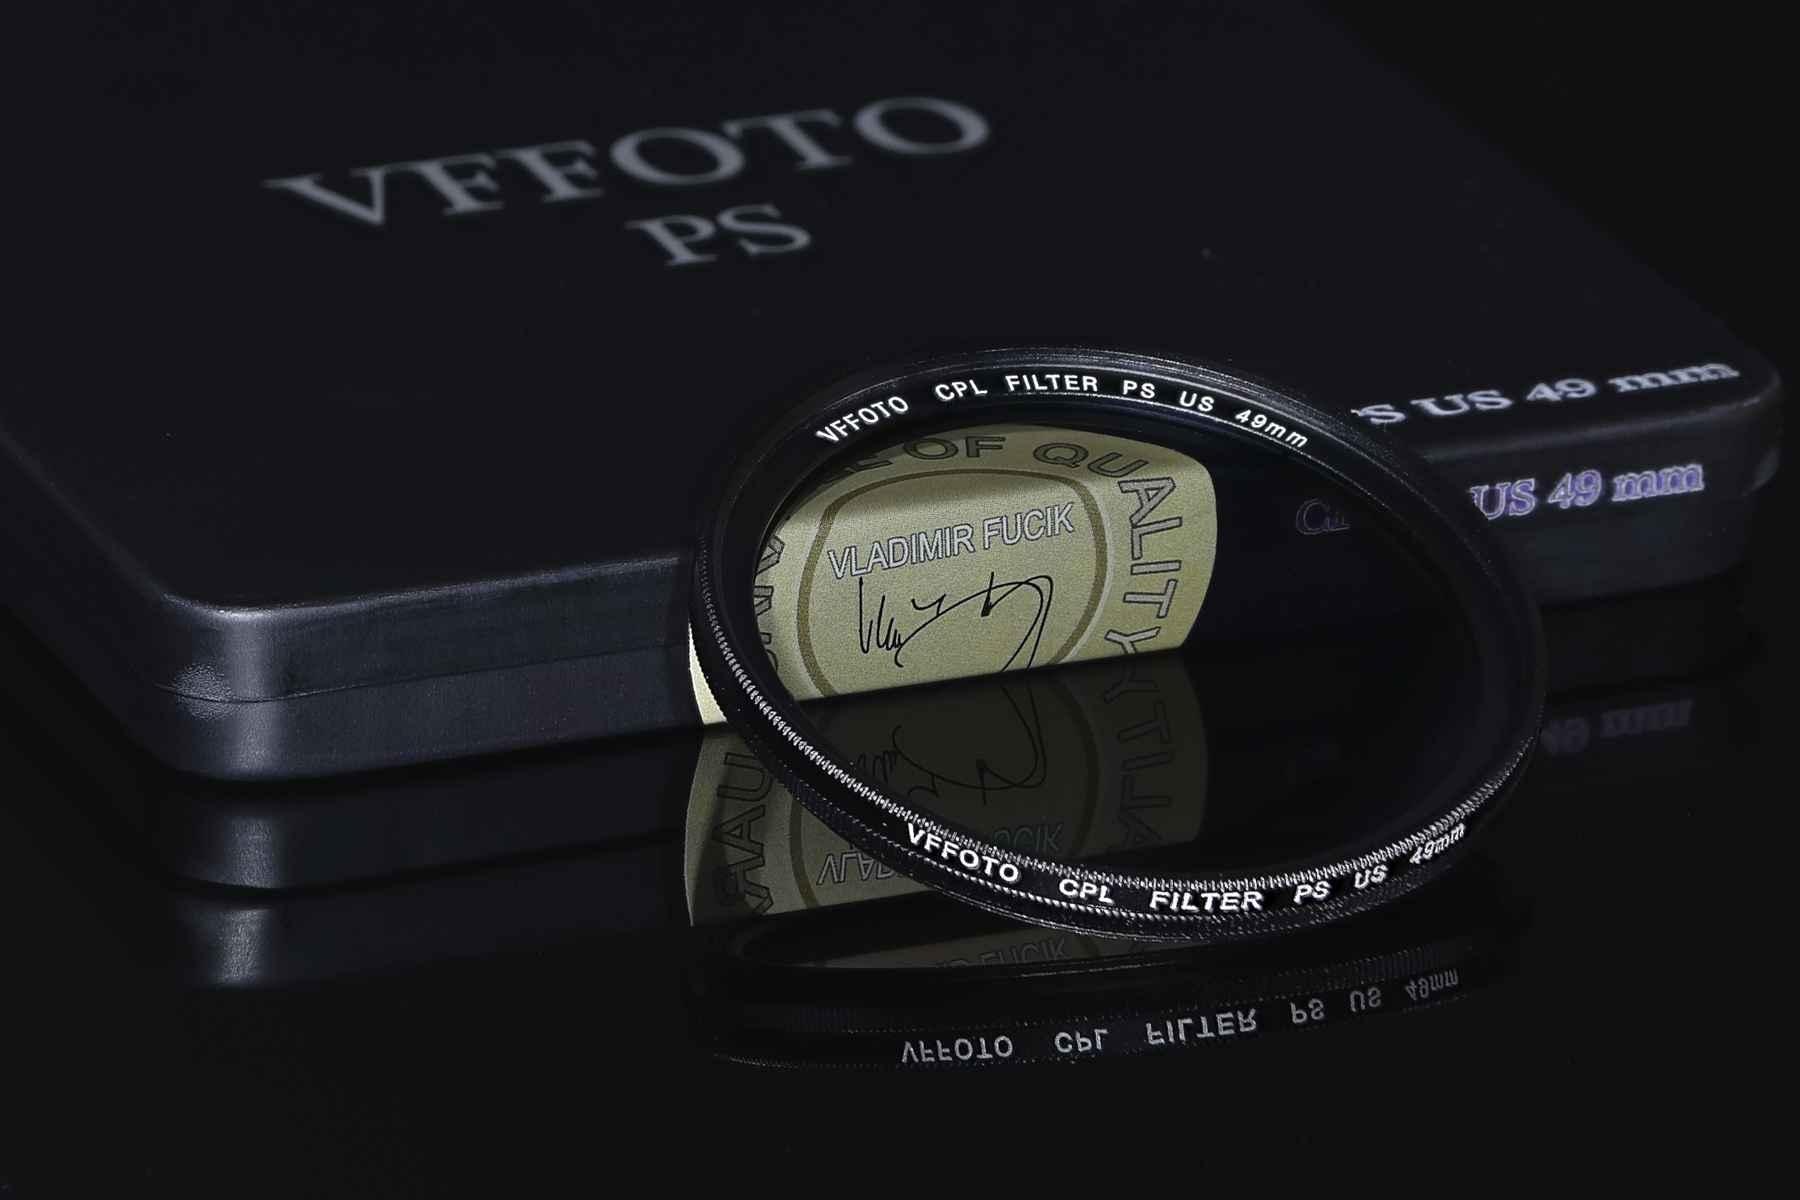 VFFOTO filtr polarizační cirkulární PS US 49 mm